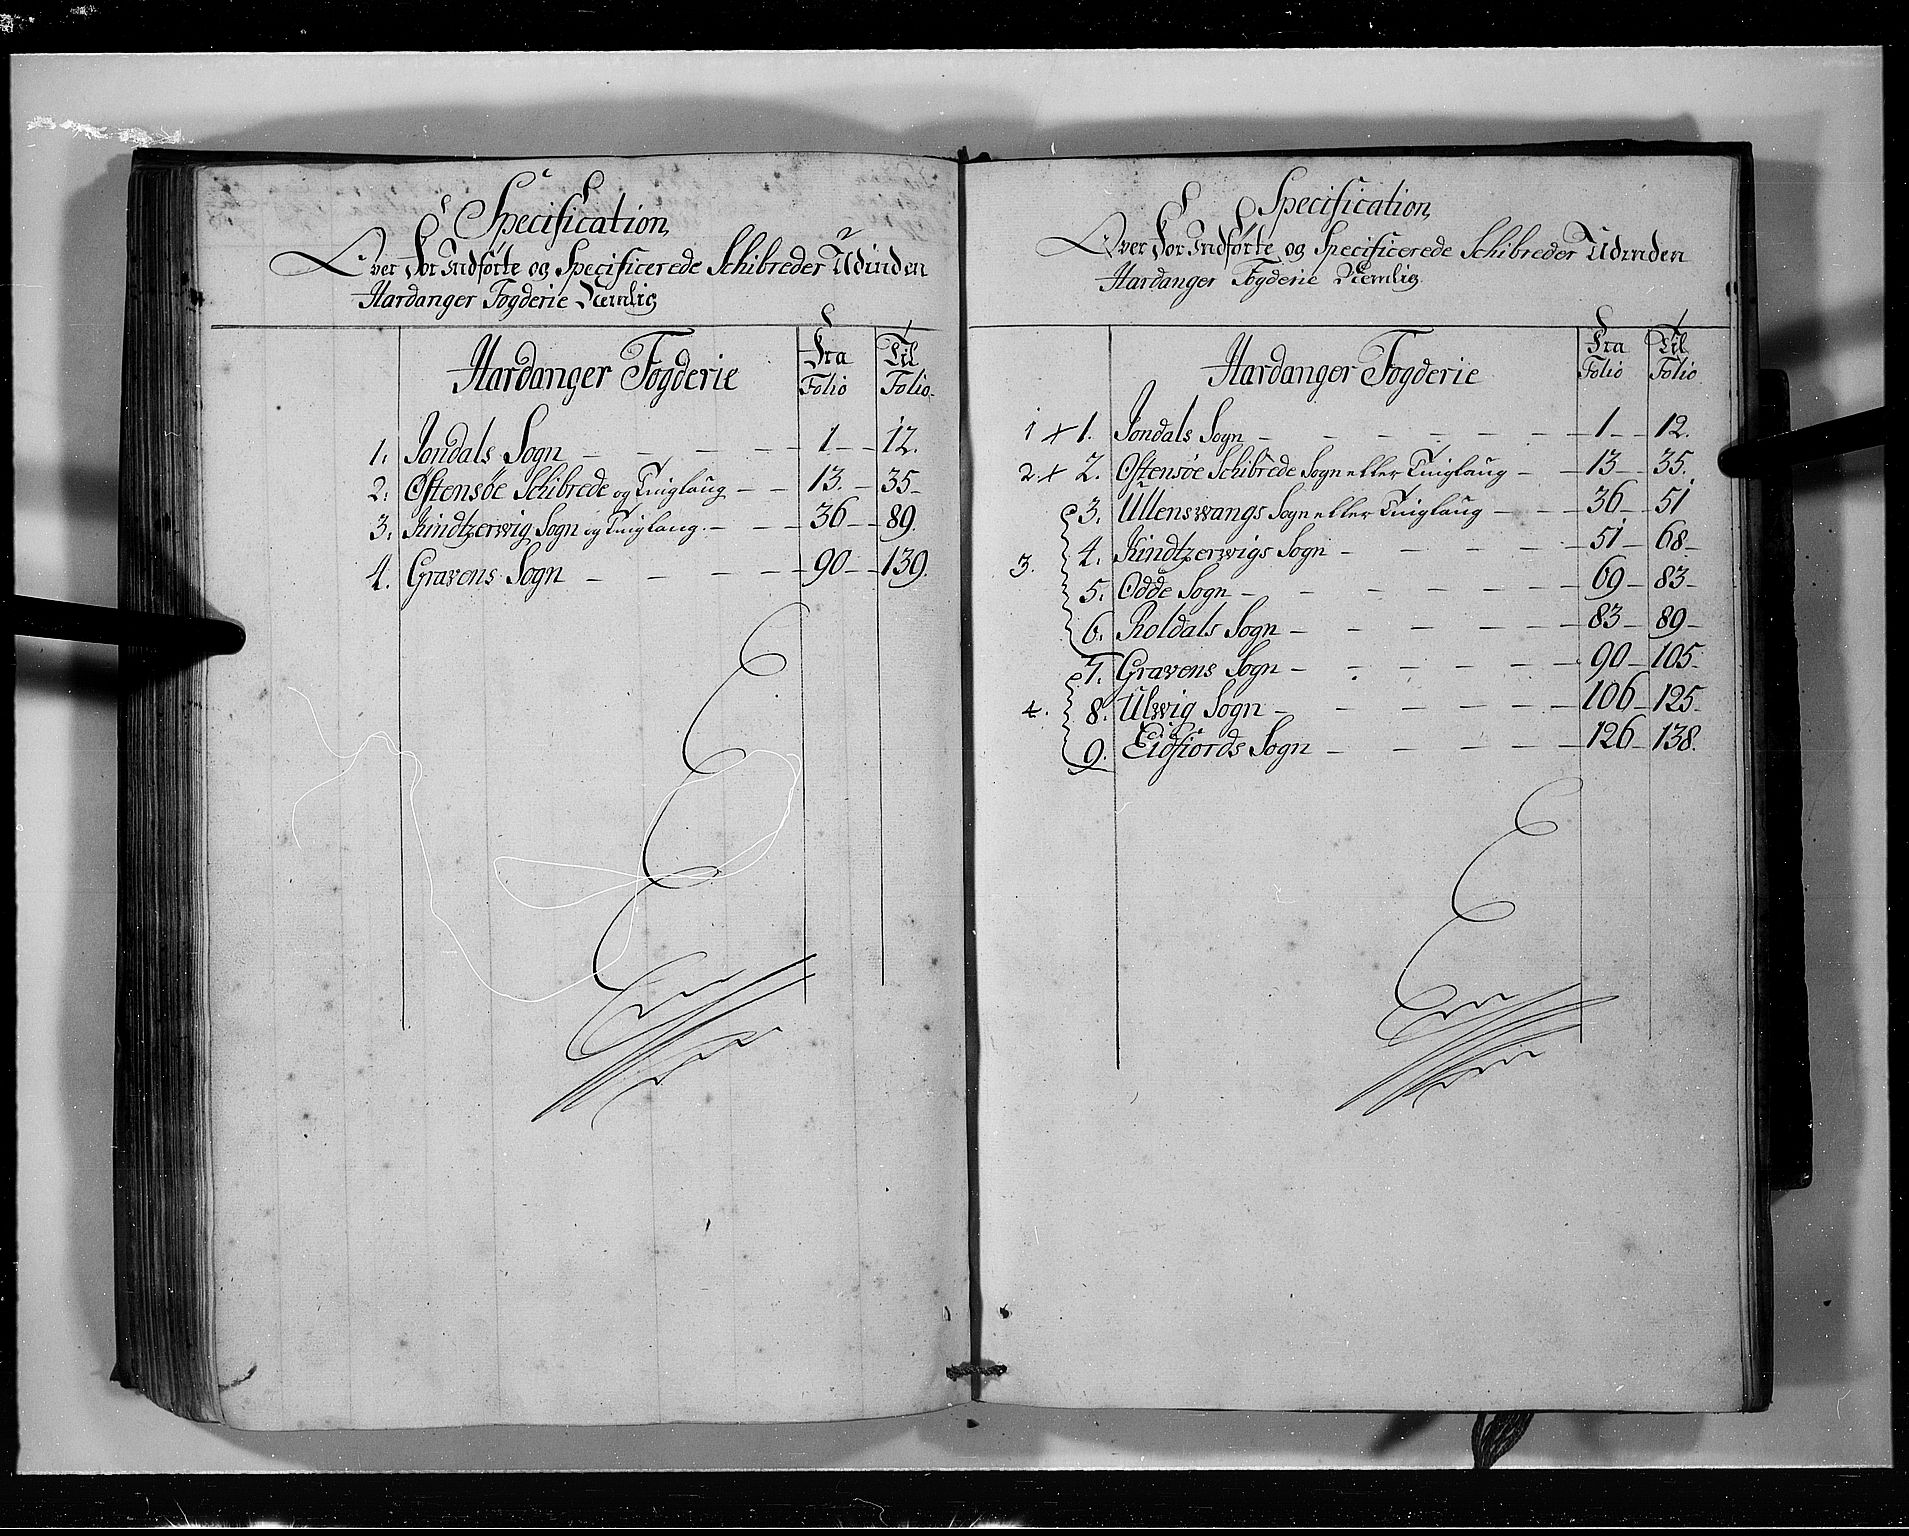 RA, Rentekammeret inntil 1814, Realistisk ordnet avdeling, N/Nb/Nbf/L0136: Hardanger eksaminasjonsprotokoll, 1723, s. 139b-140a